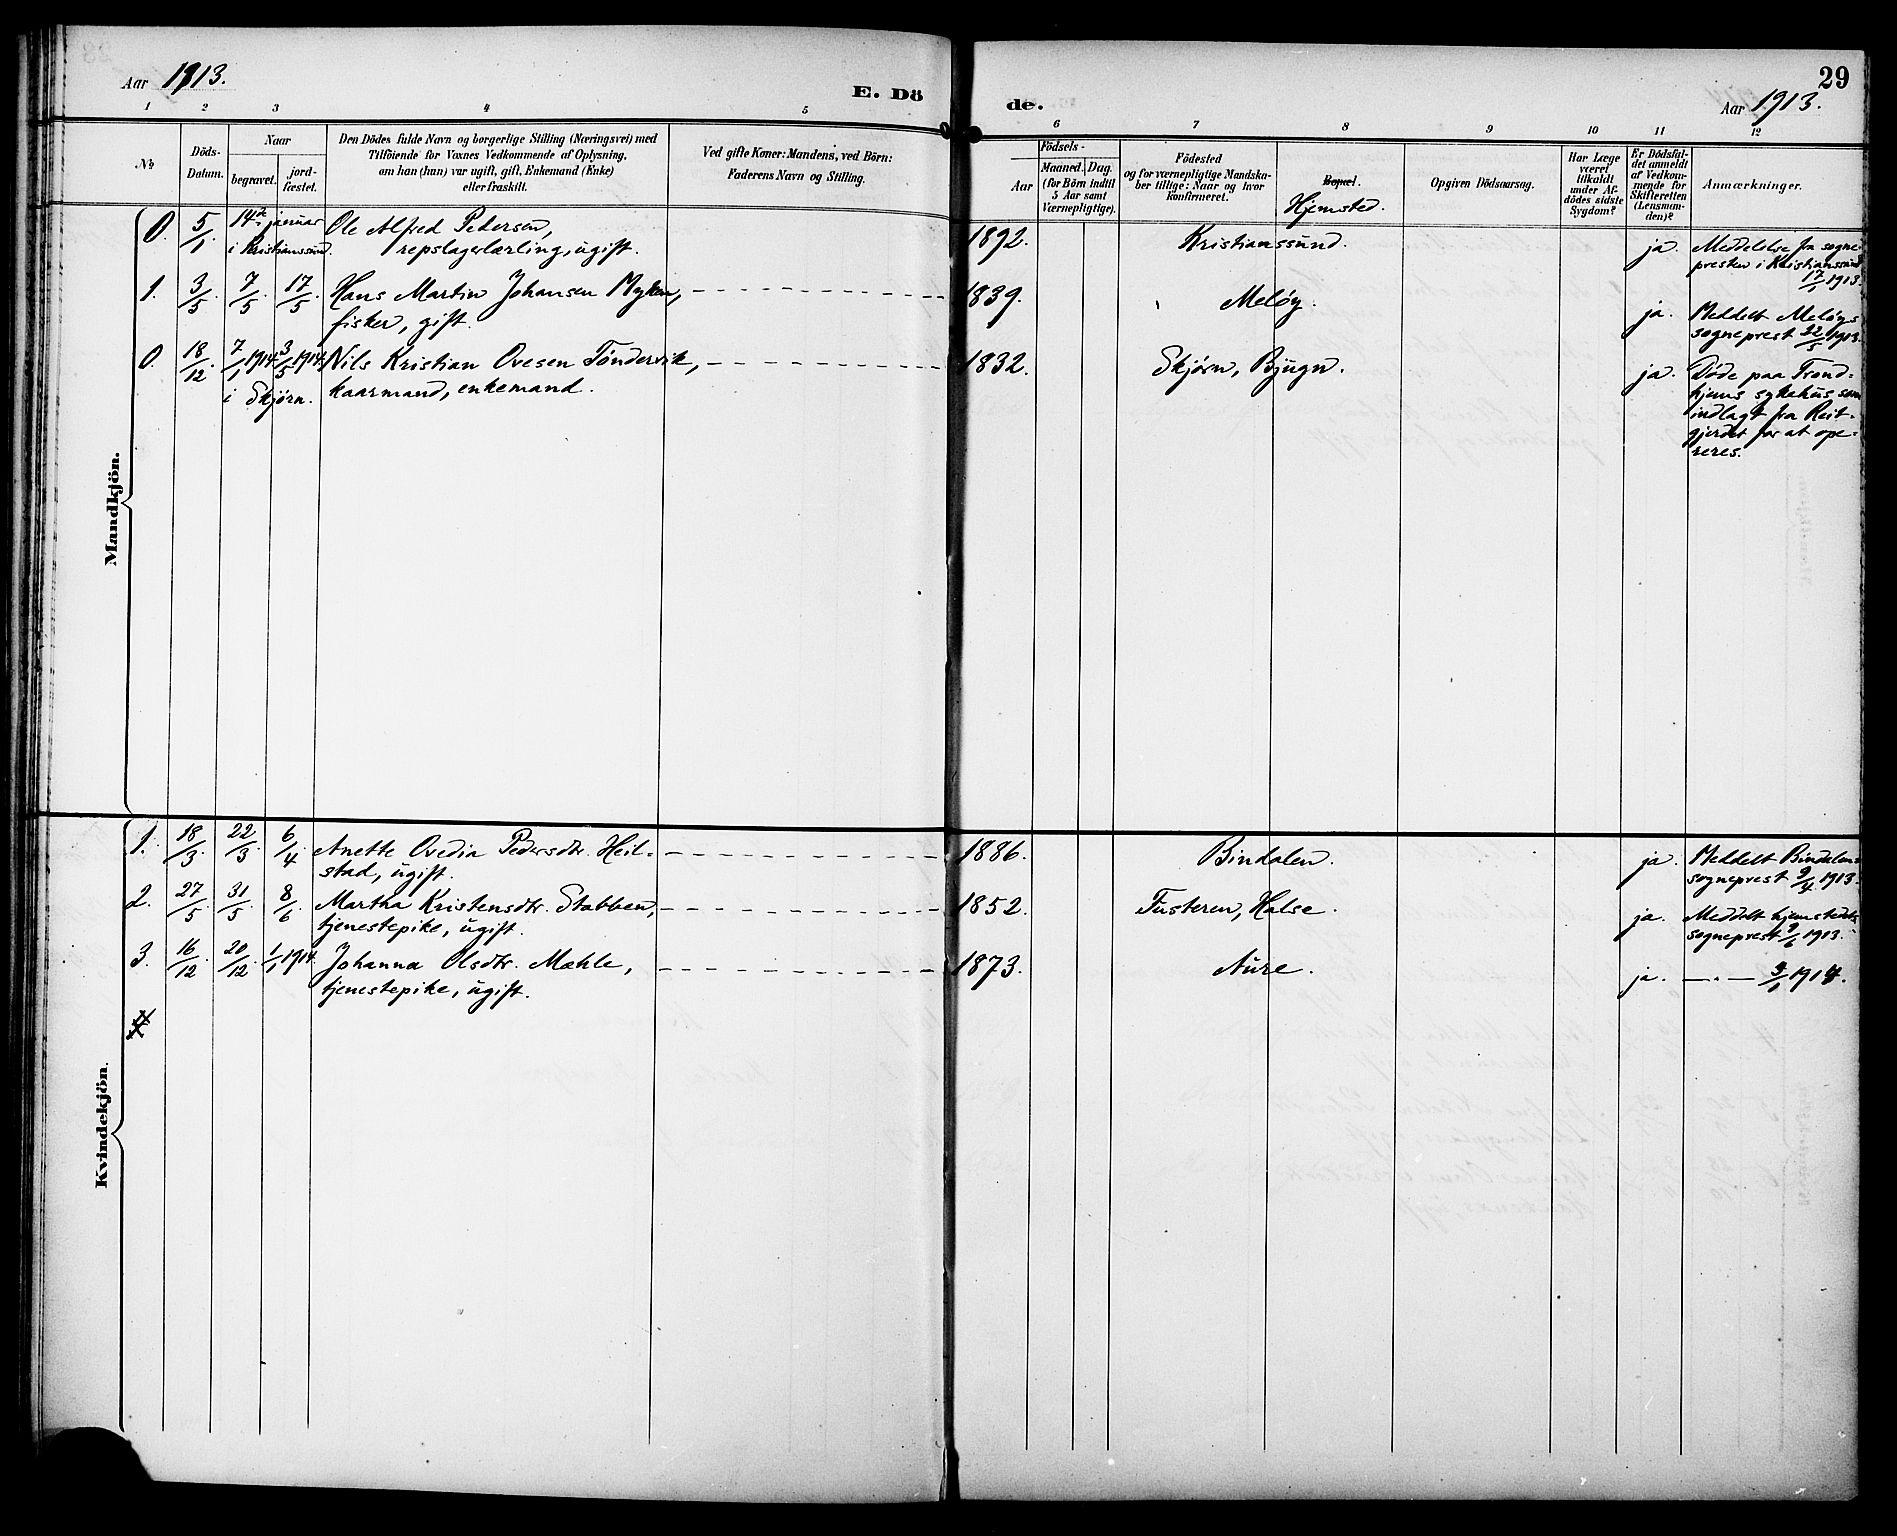 SAT, Ministerialprotokoller, klokkerbøker og fødselsregistre - Sør-Trøndelag, 629/L0486: Ministerialbok nr. 629A02, 1894-1919, s. 29